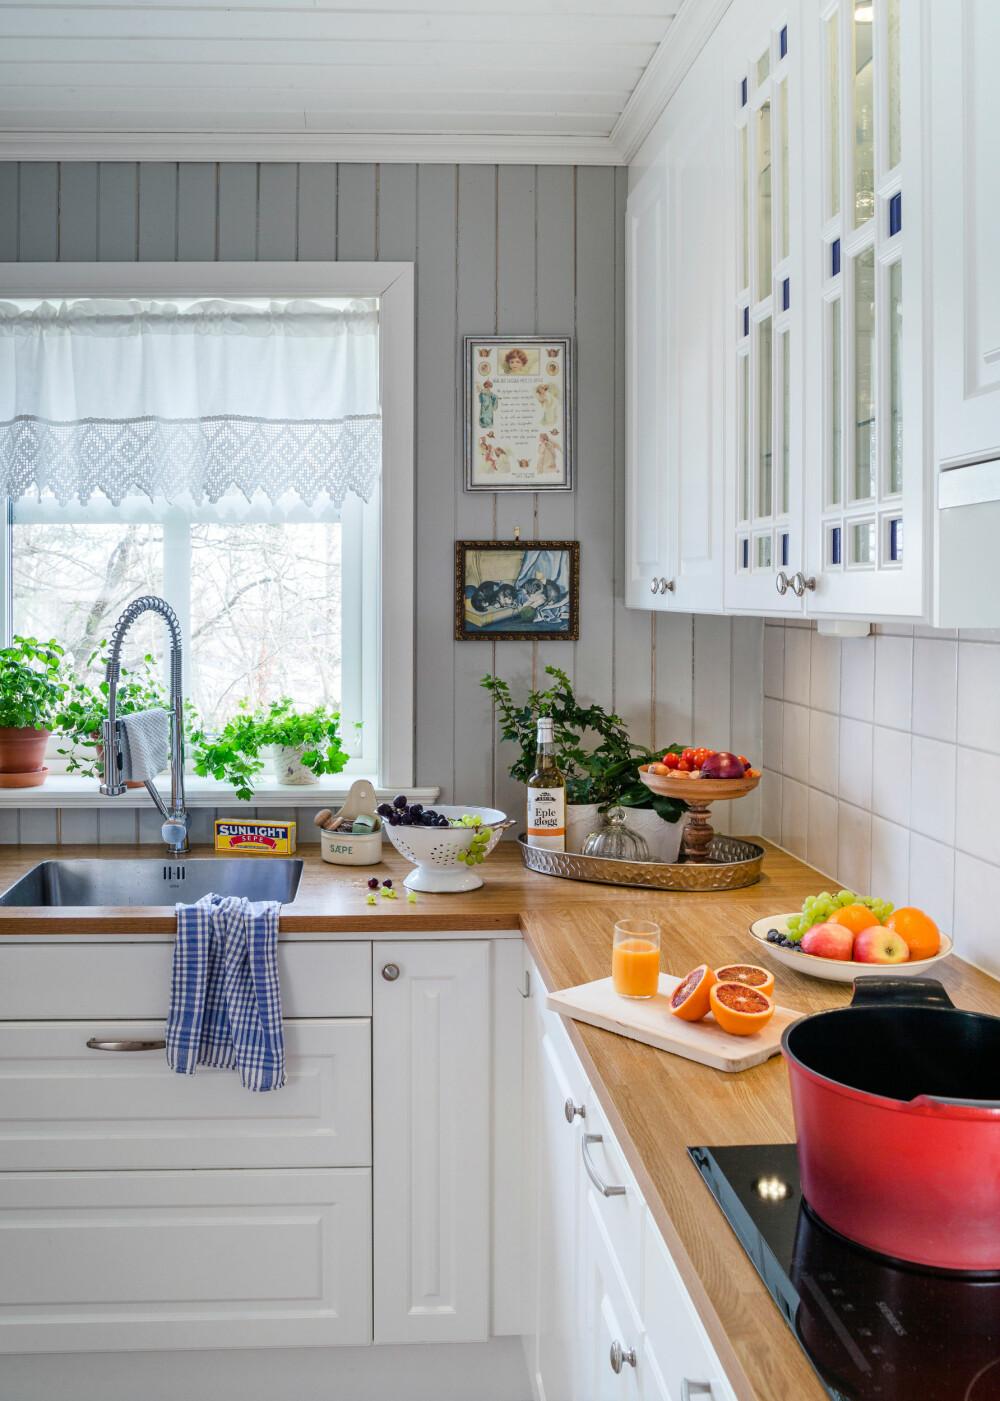 LYSINNSLIPP: Florlette gardiner slipper inn masse dagslys ved kjøkkenbenken.